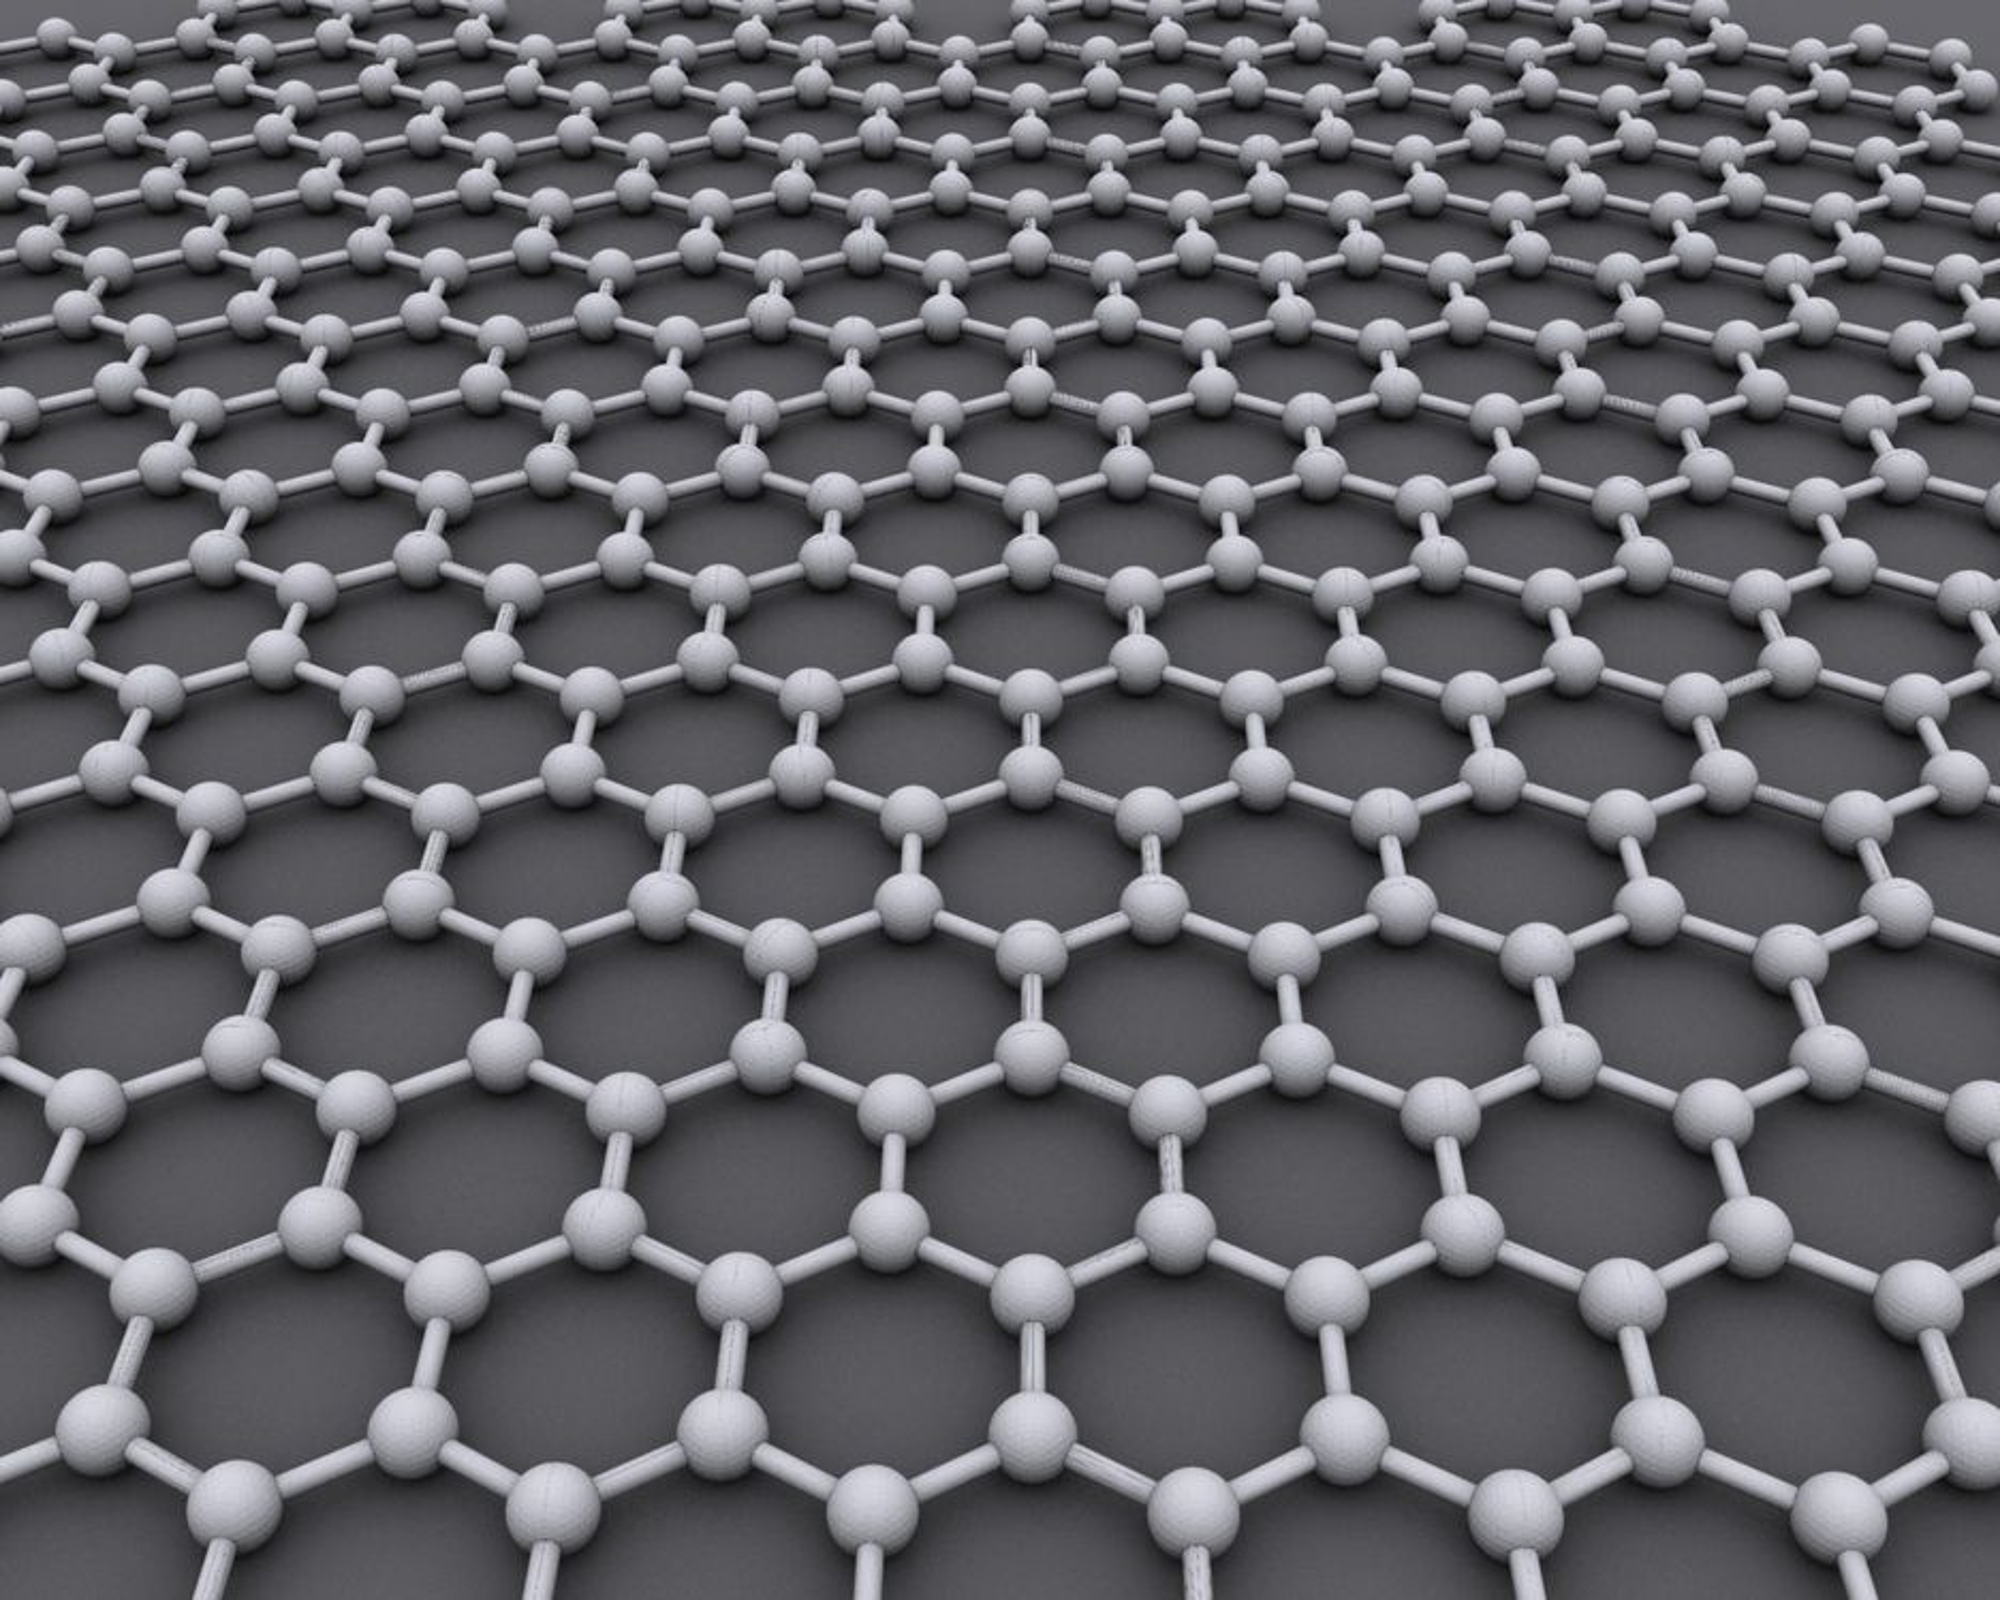 Grafén er et materiale med kun et flatt lag av karbonatomer. Nanotek har imidlertid klart å få grafén til å krølle seg, slik at de flate arkene ikke overlapper hverandre.